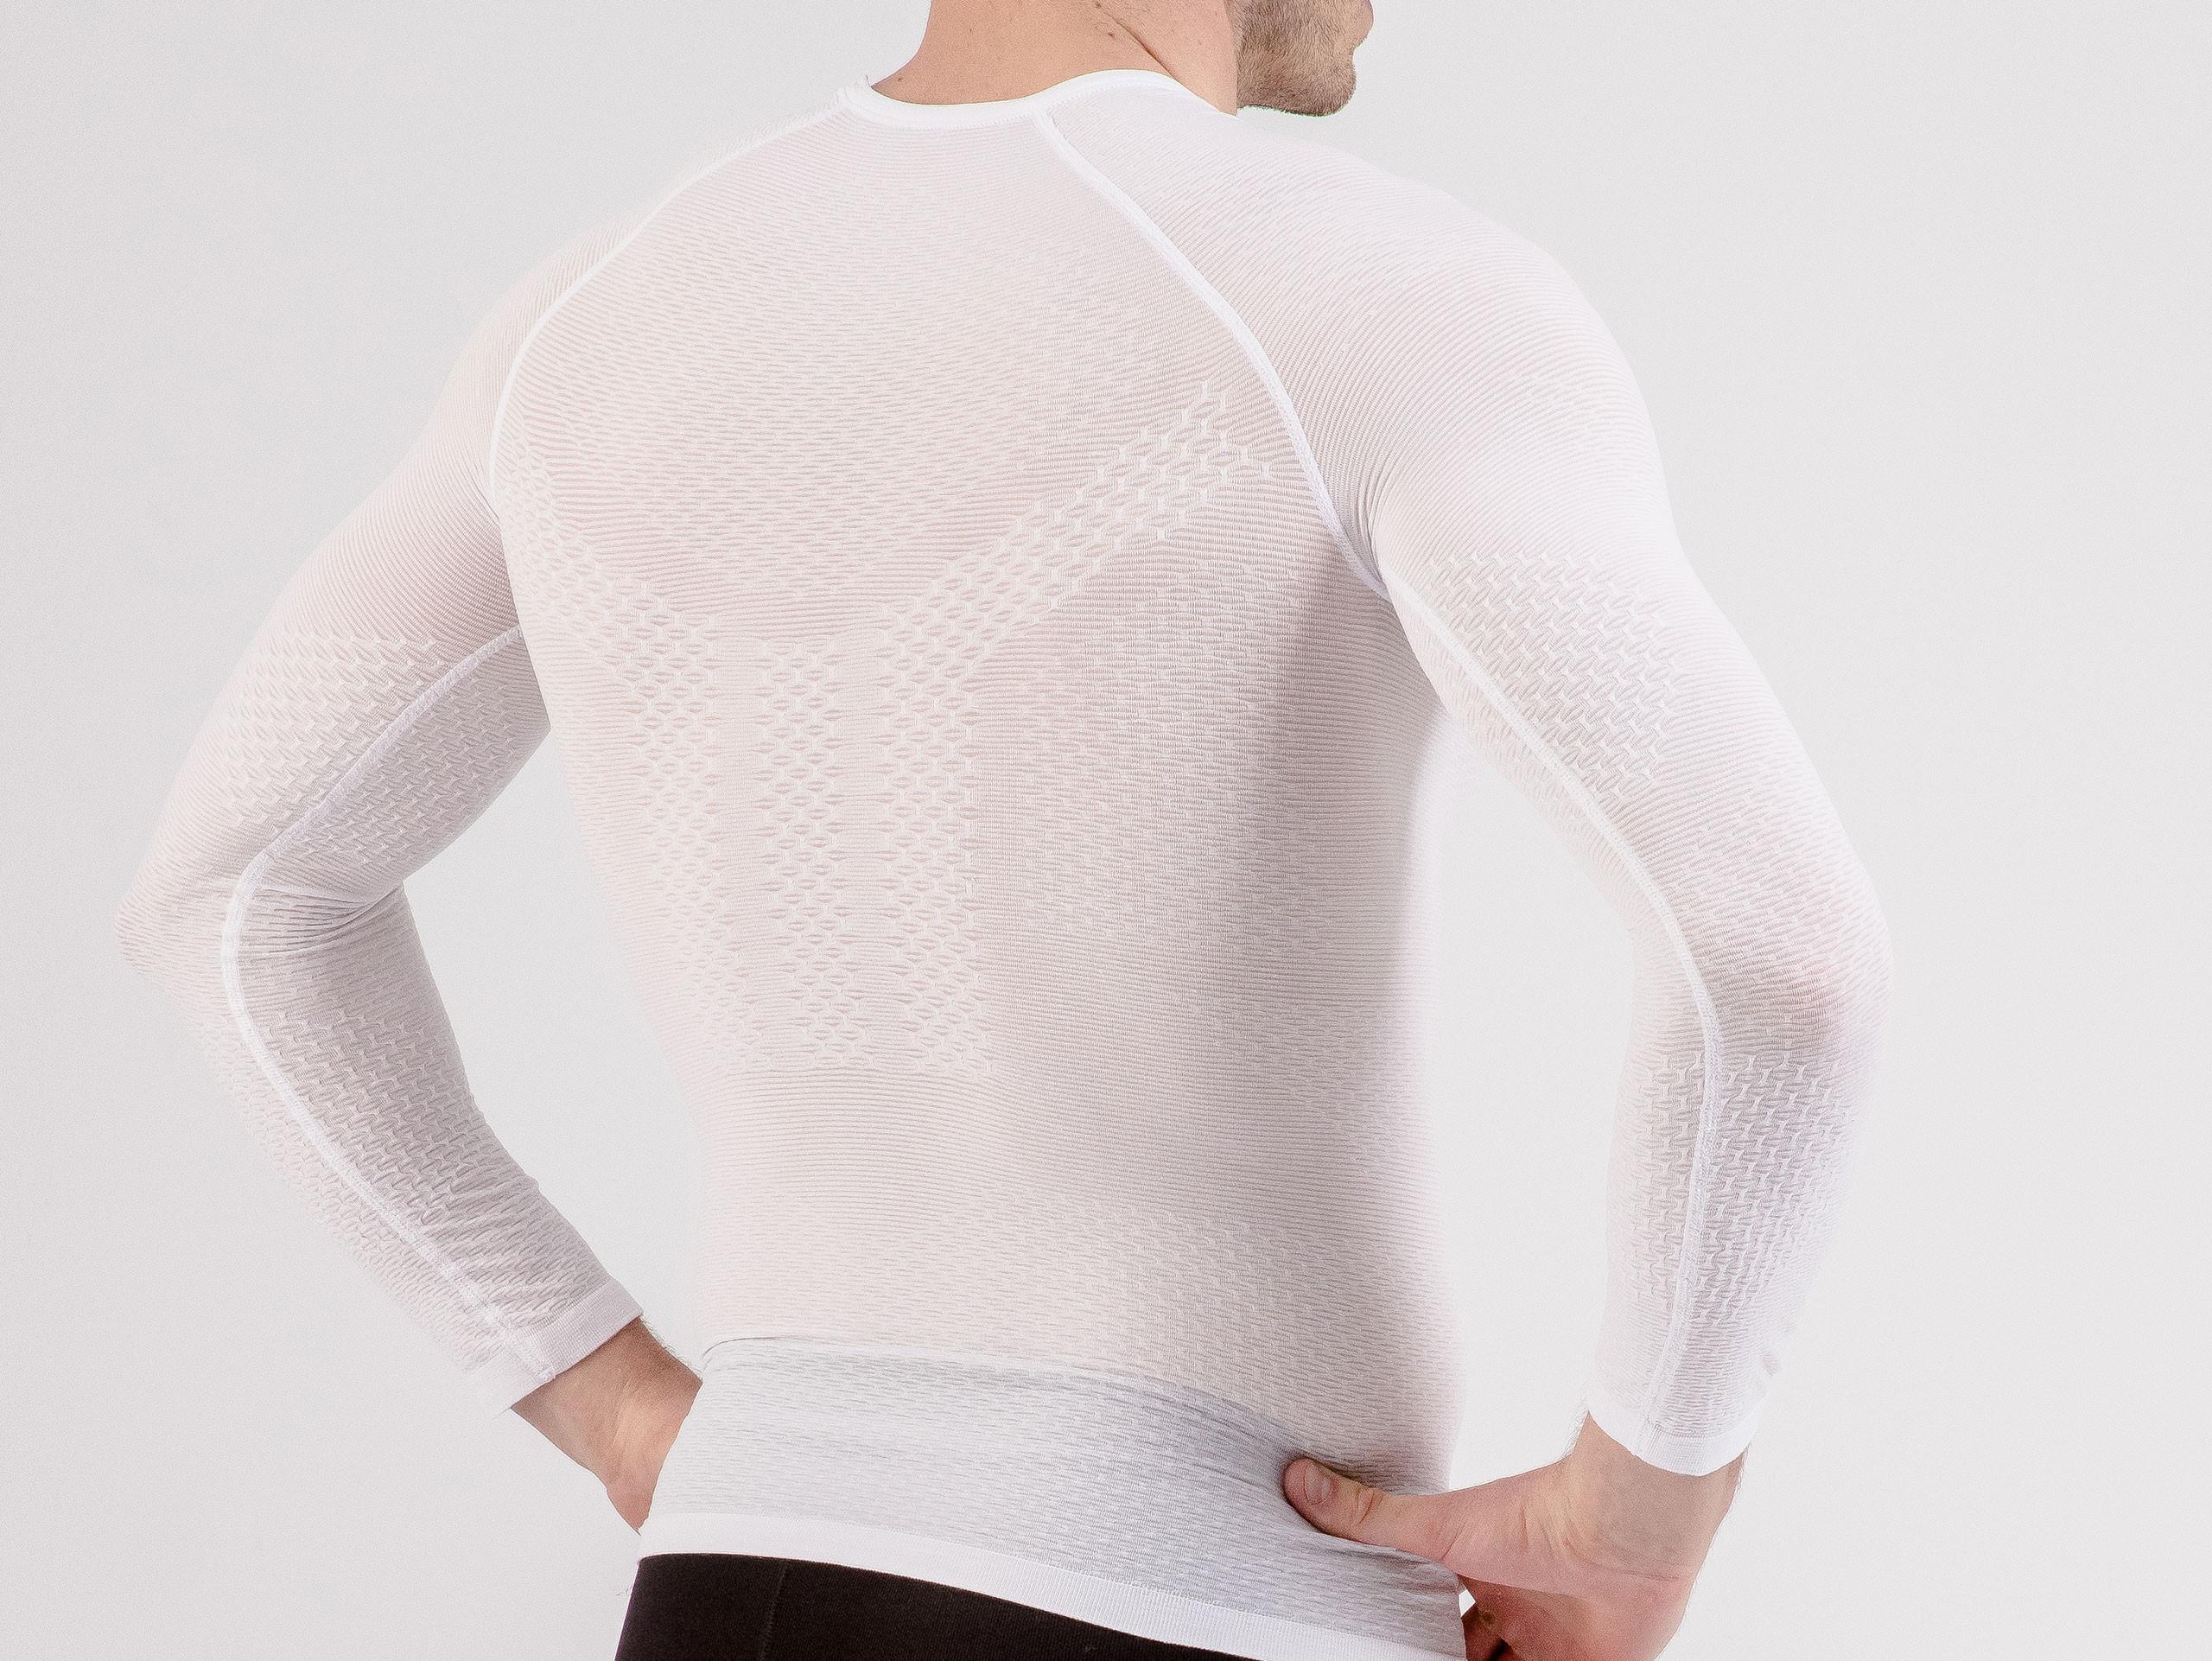 T-shirt termica ultra-leggera 3D LS bianca